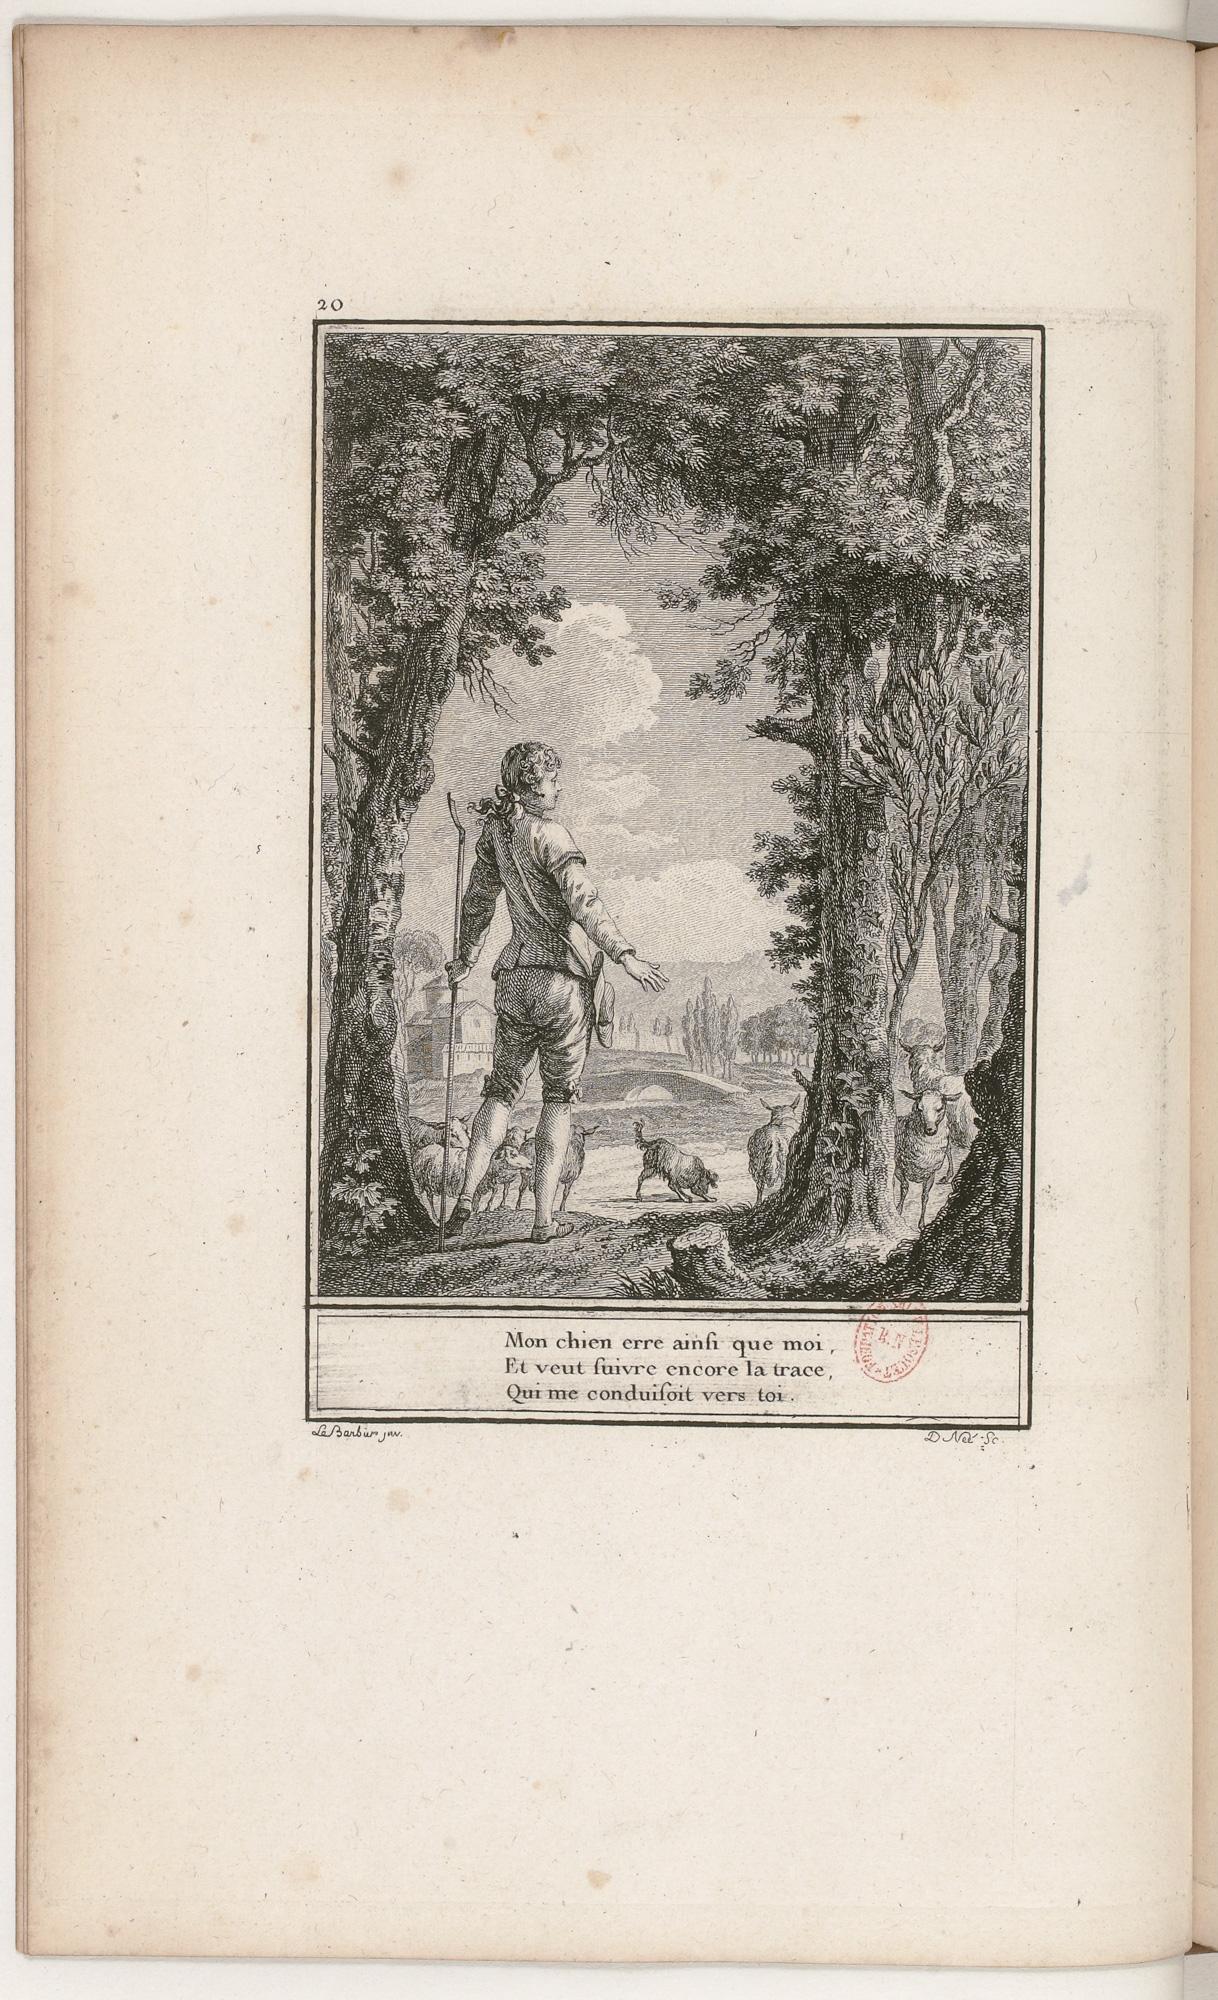 S.3.04 Le retour desiré, 1772, Image